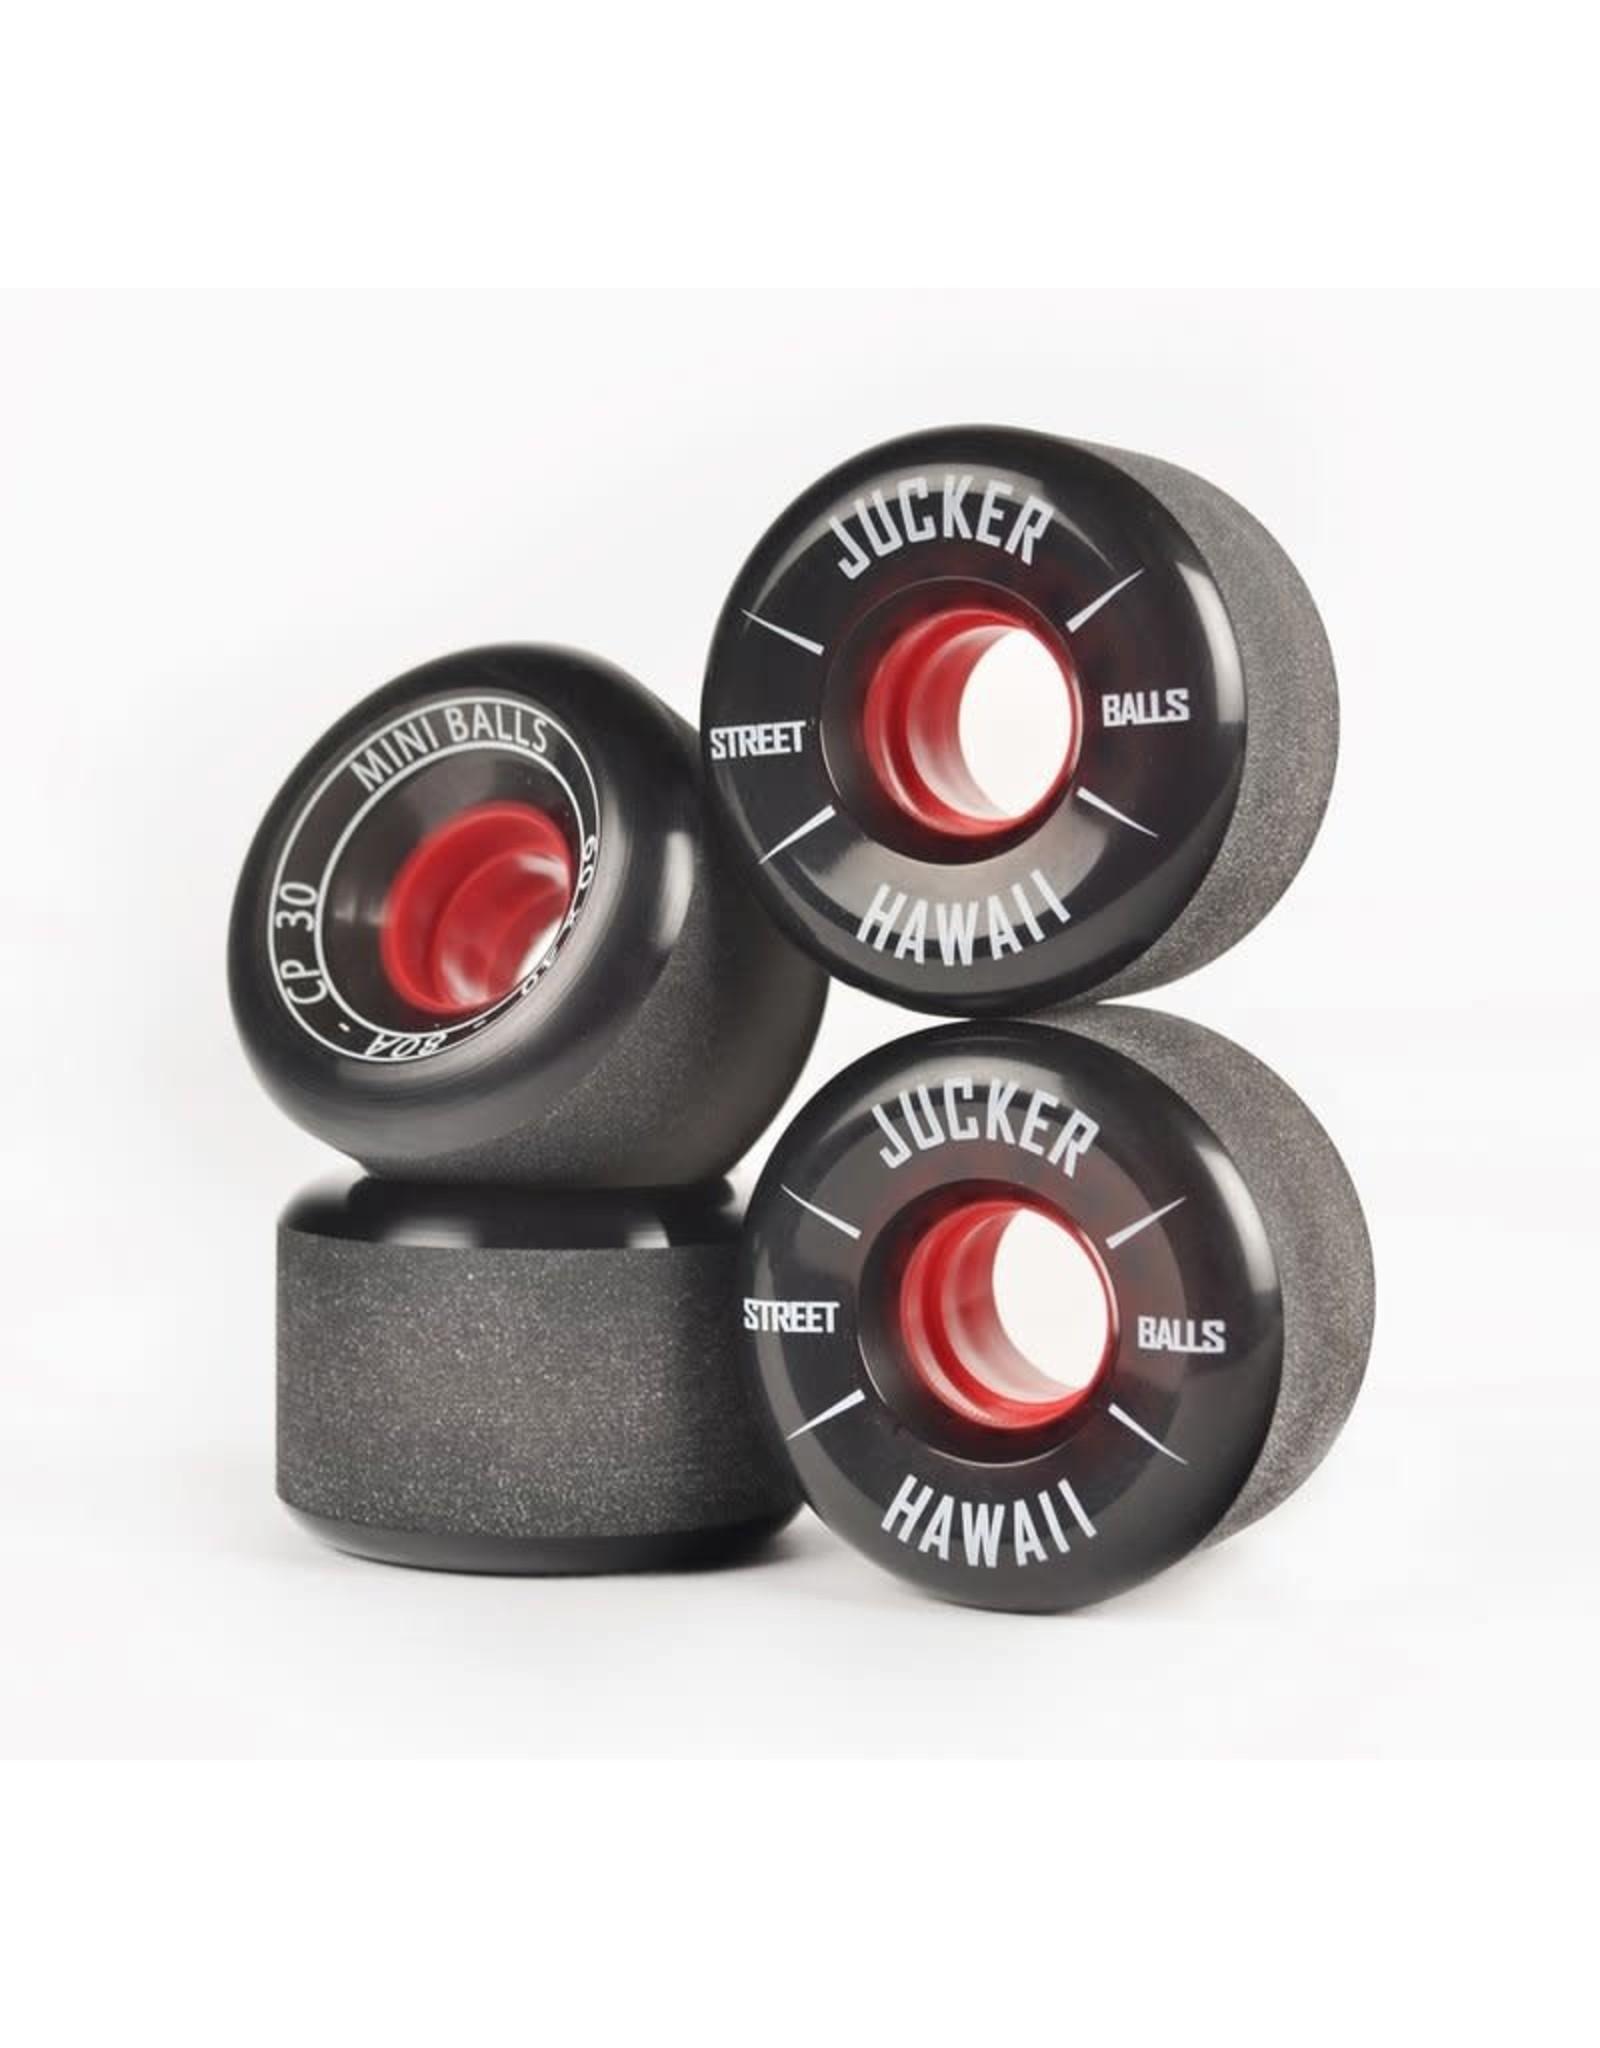 Jucker Hawaii Jucker Hawaii 60mm 80A Skateboard & Mini Cruiser Wheels MINI BALLS CP30 (4er)